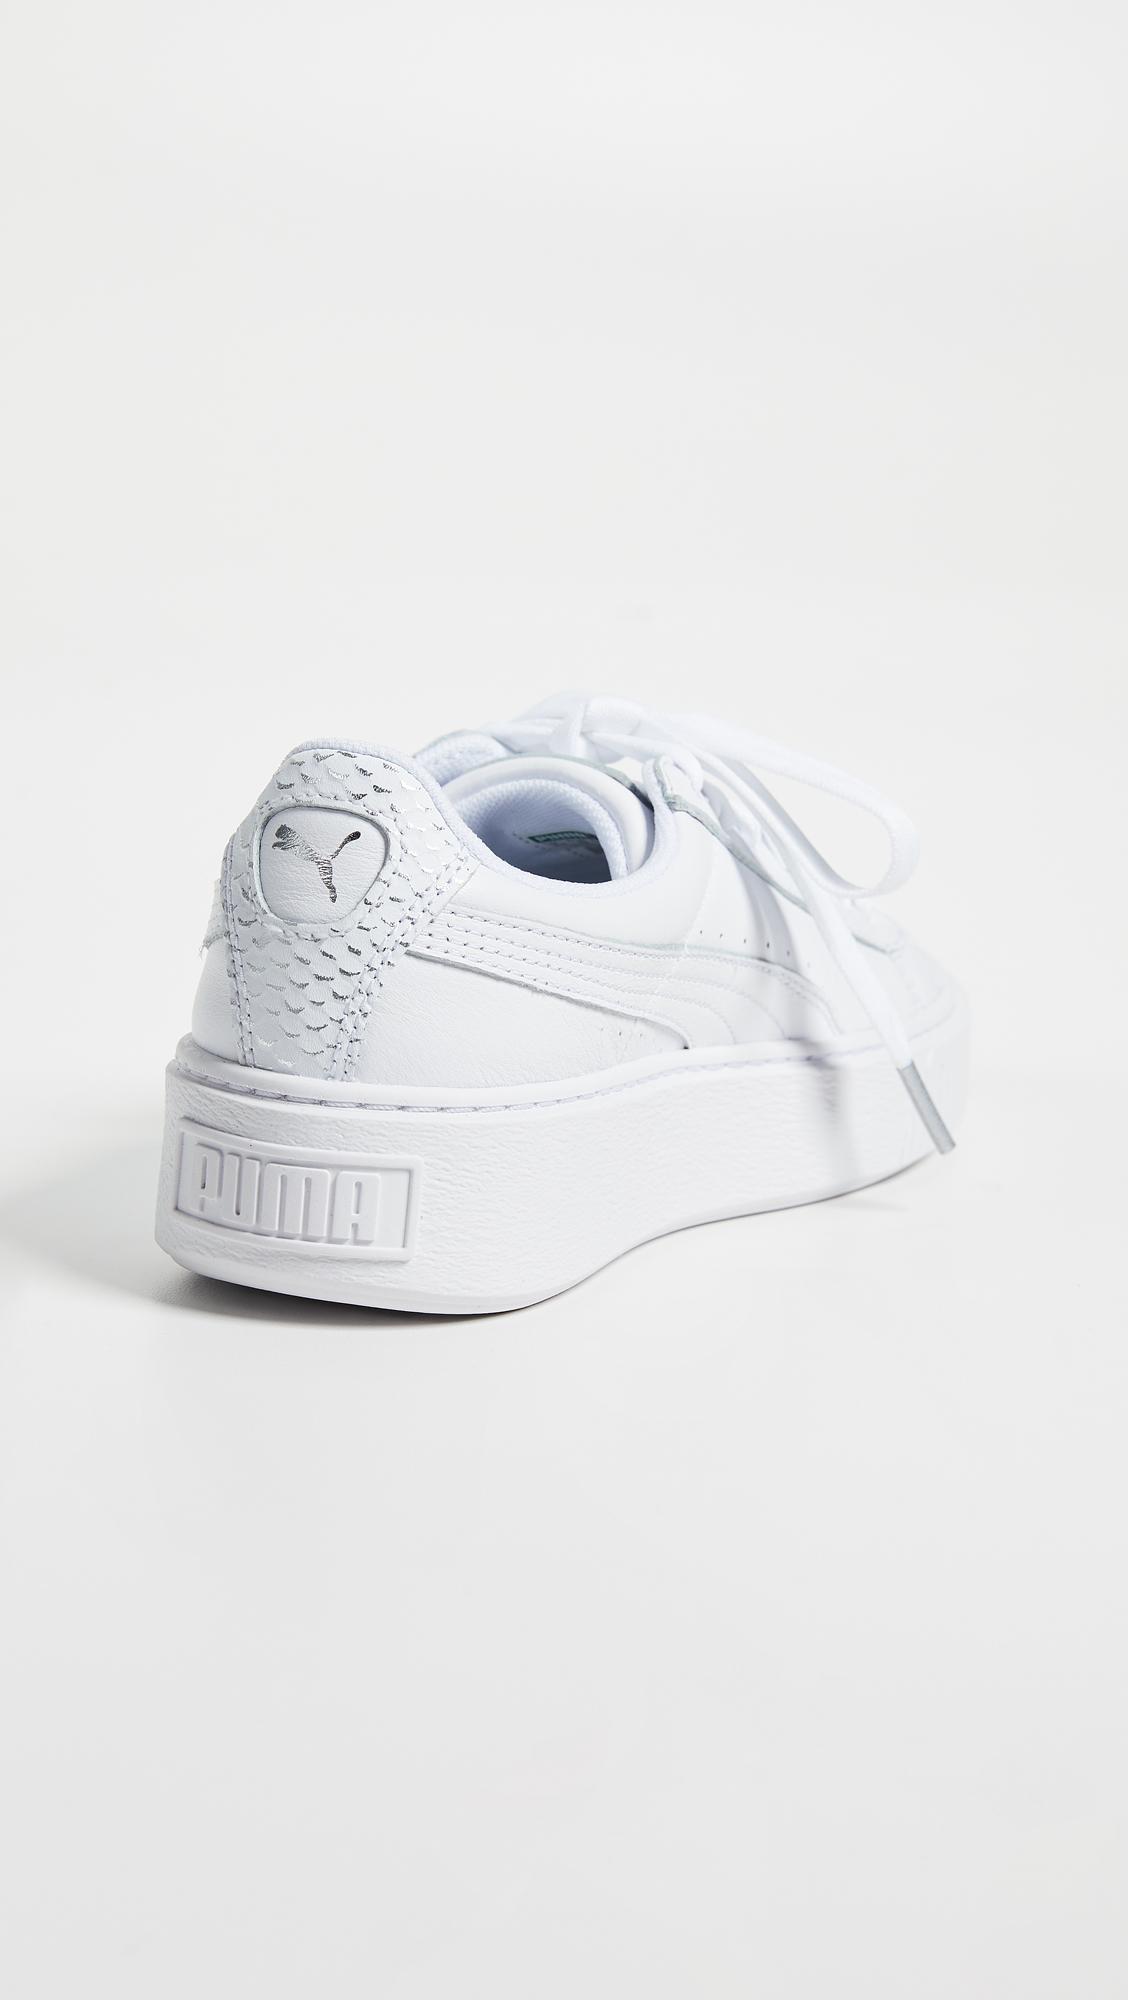 puma basket platform ocean sneakers